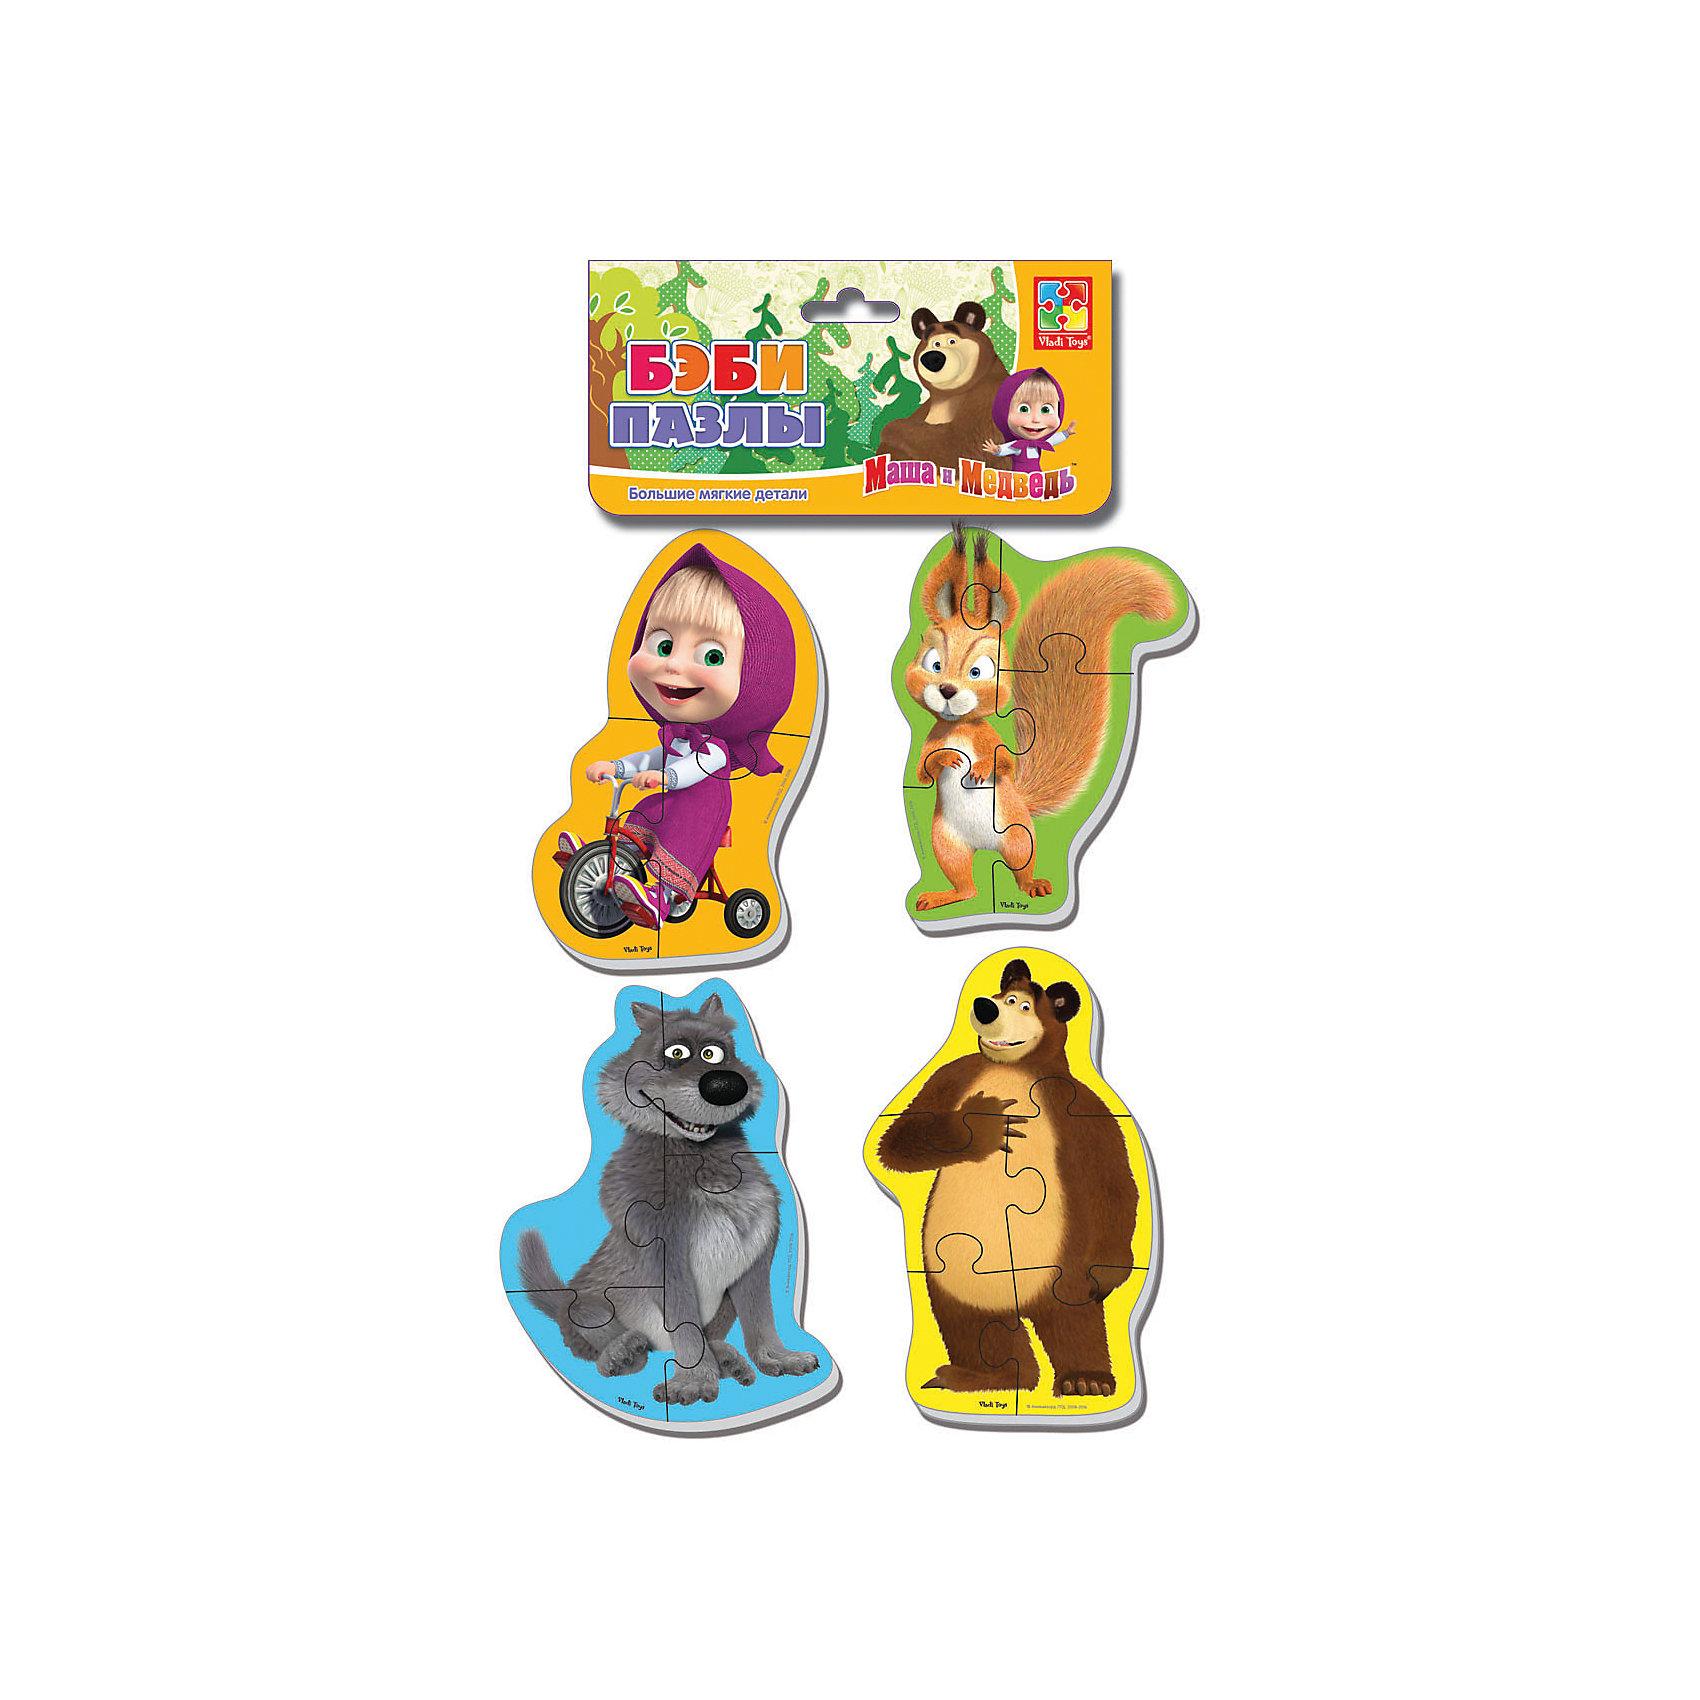 Vladi Toys Мягкие пазлы Белка и волк, Маша и Медведь, Vladi Toys павлин мягкие пазлы